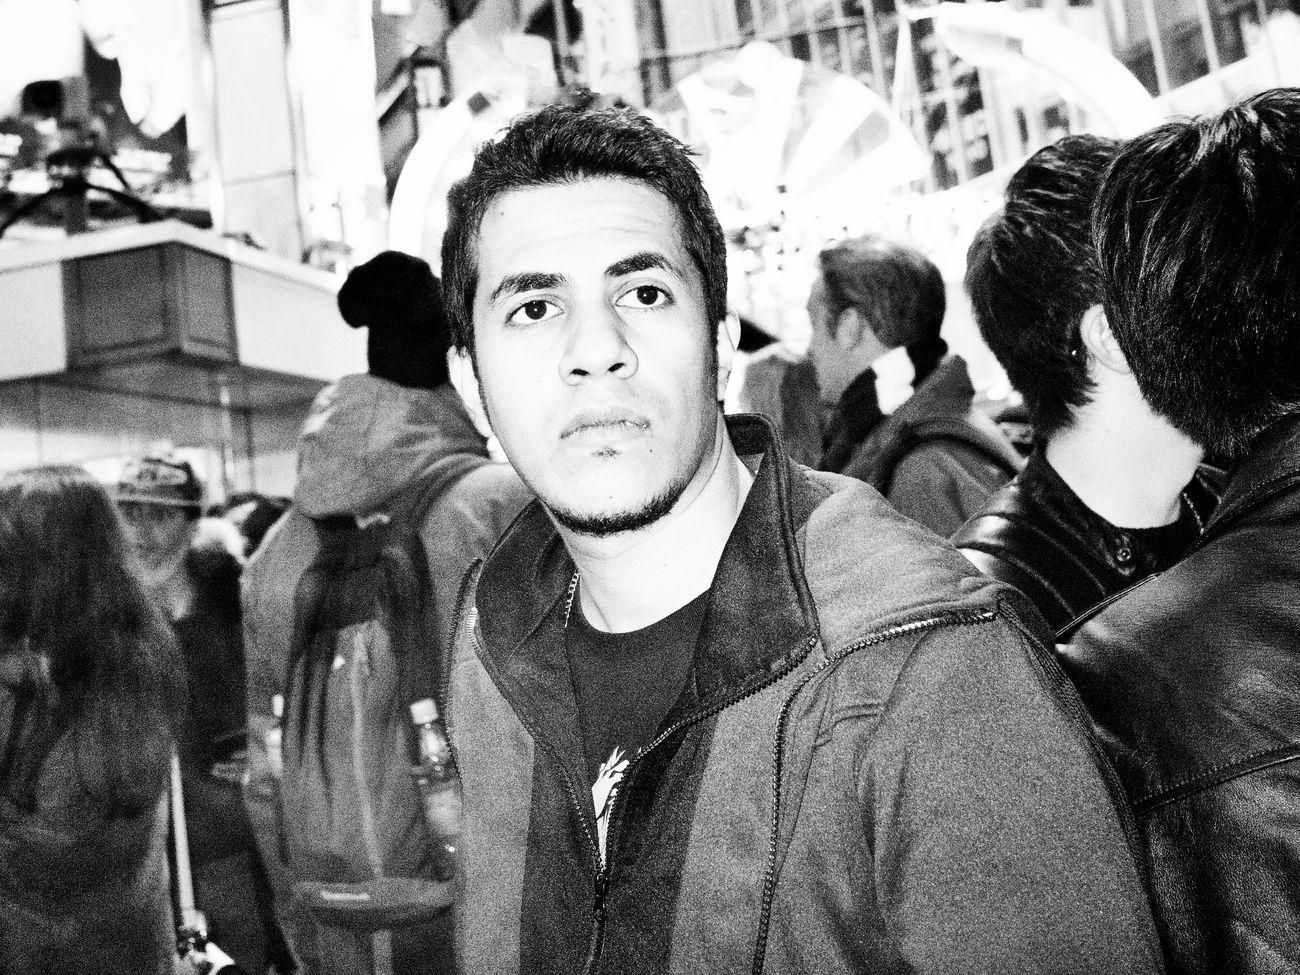 トーキョー・ブルース ~Tokyo Blues~ 渋谷 Shibuya # Shibuya SHINJYUKU Sting_the_street Street Street Photography Streetphoto Streetphoto_bw Streetphotographer Streetphotographers Streetphotography Streetphotography_bw Tokyo Tokyo Street Photography Tokyo,Japan